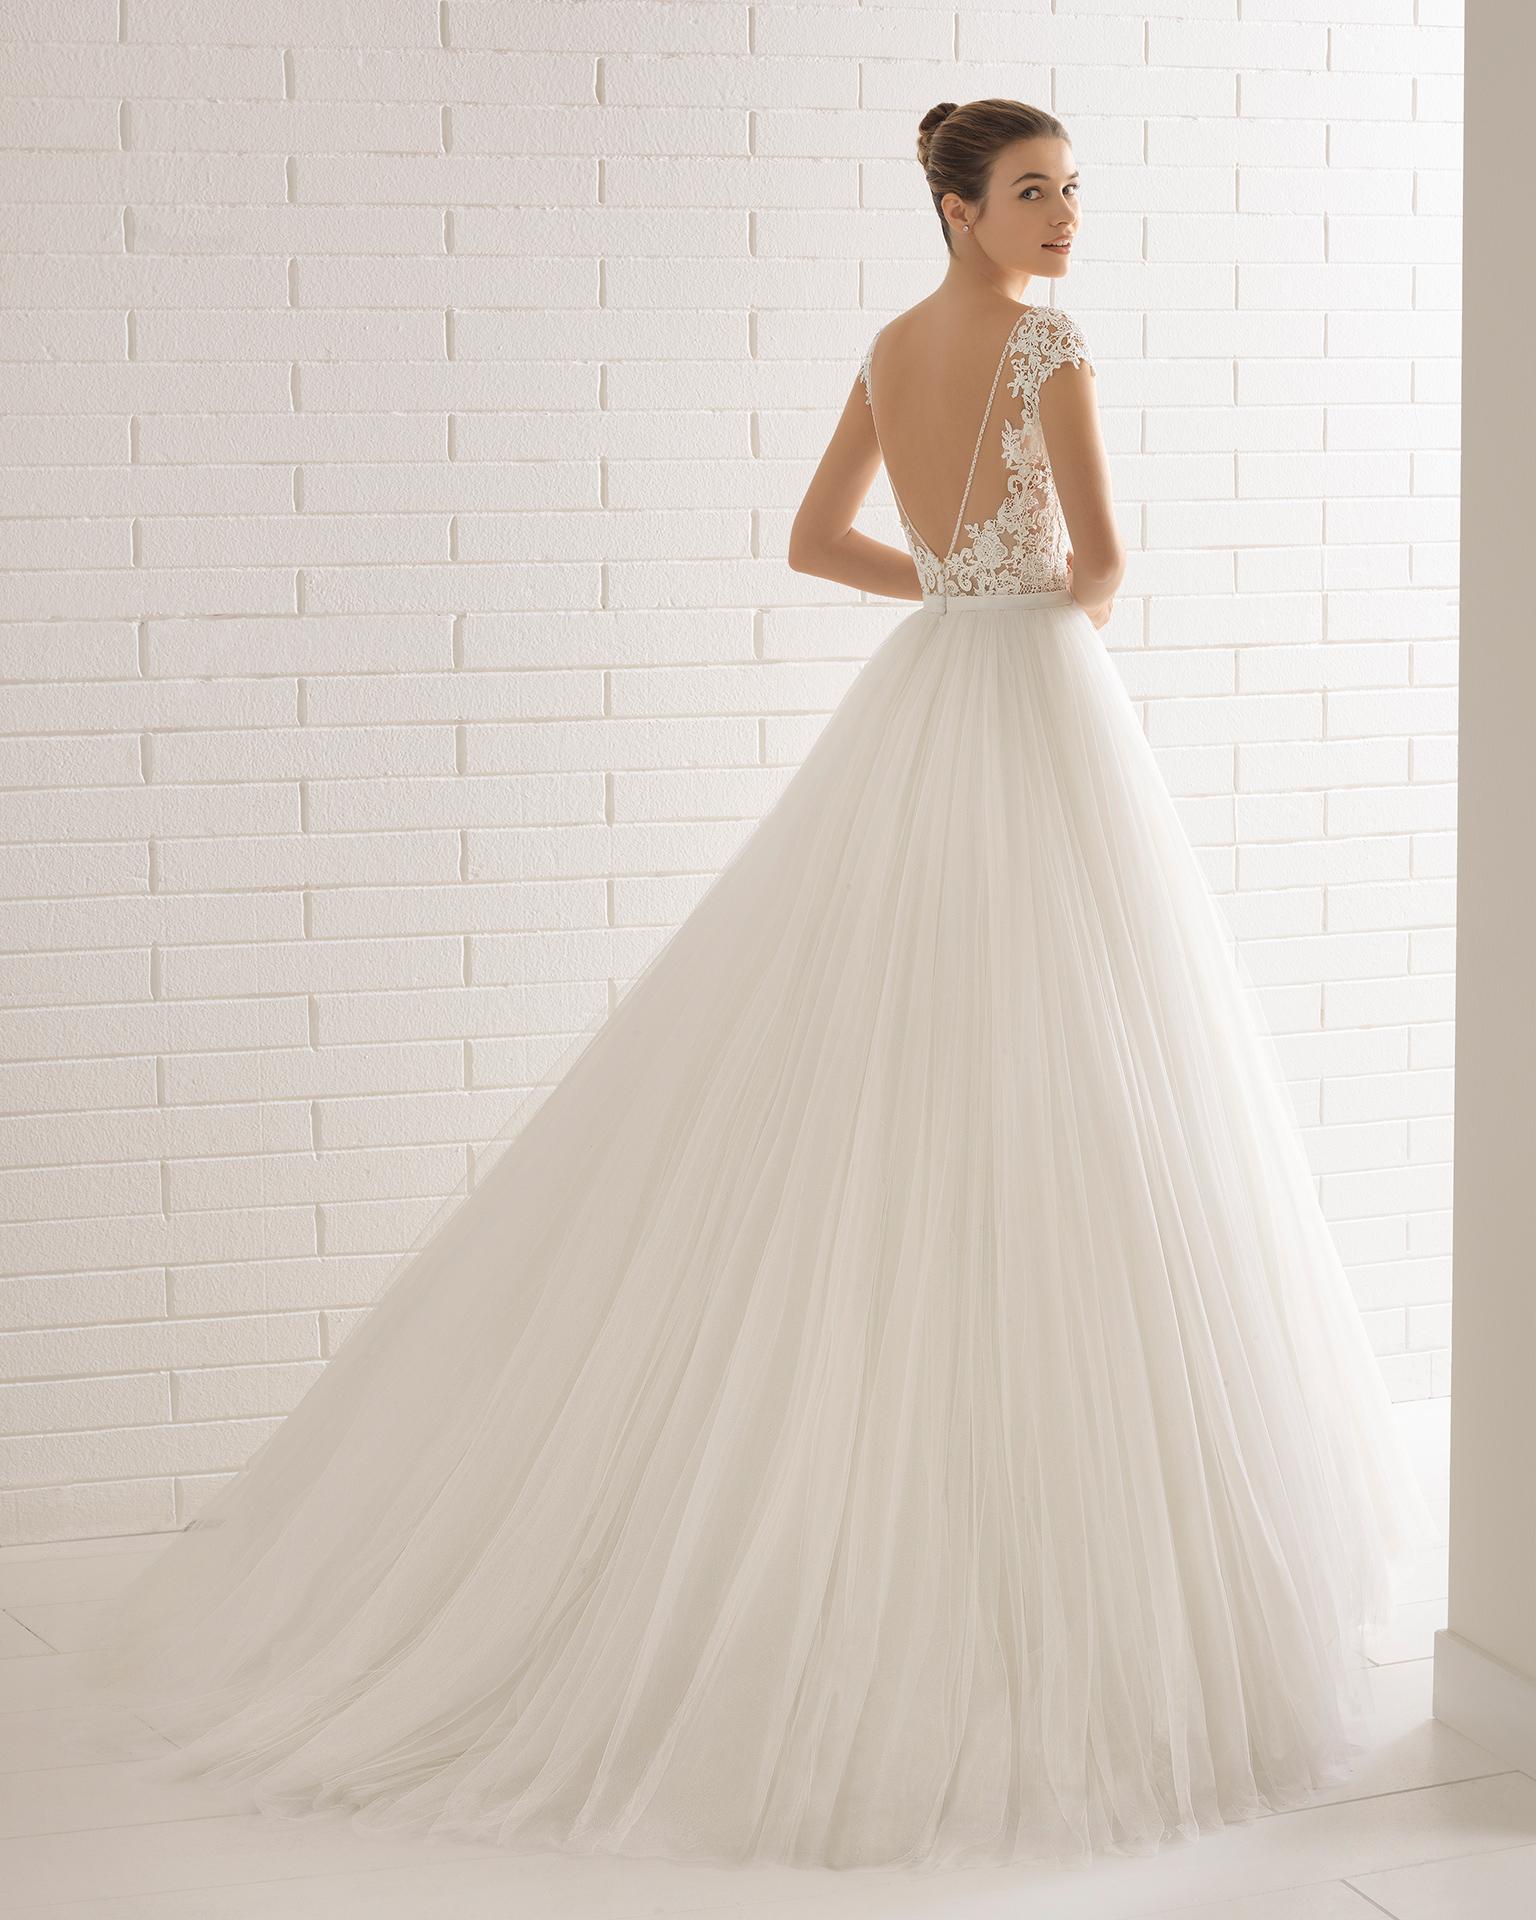 Abito da sposa stile linea ad A in tulle, pizzo trasparente e strass, con scollo illusione e schiena scollata.